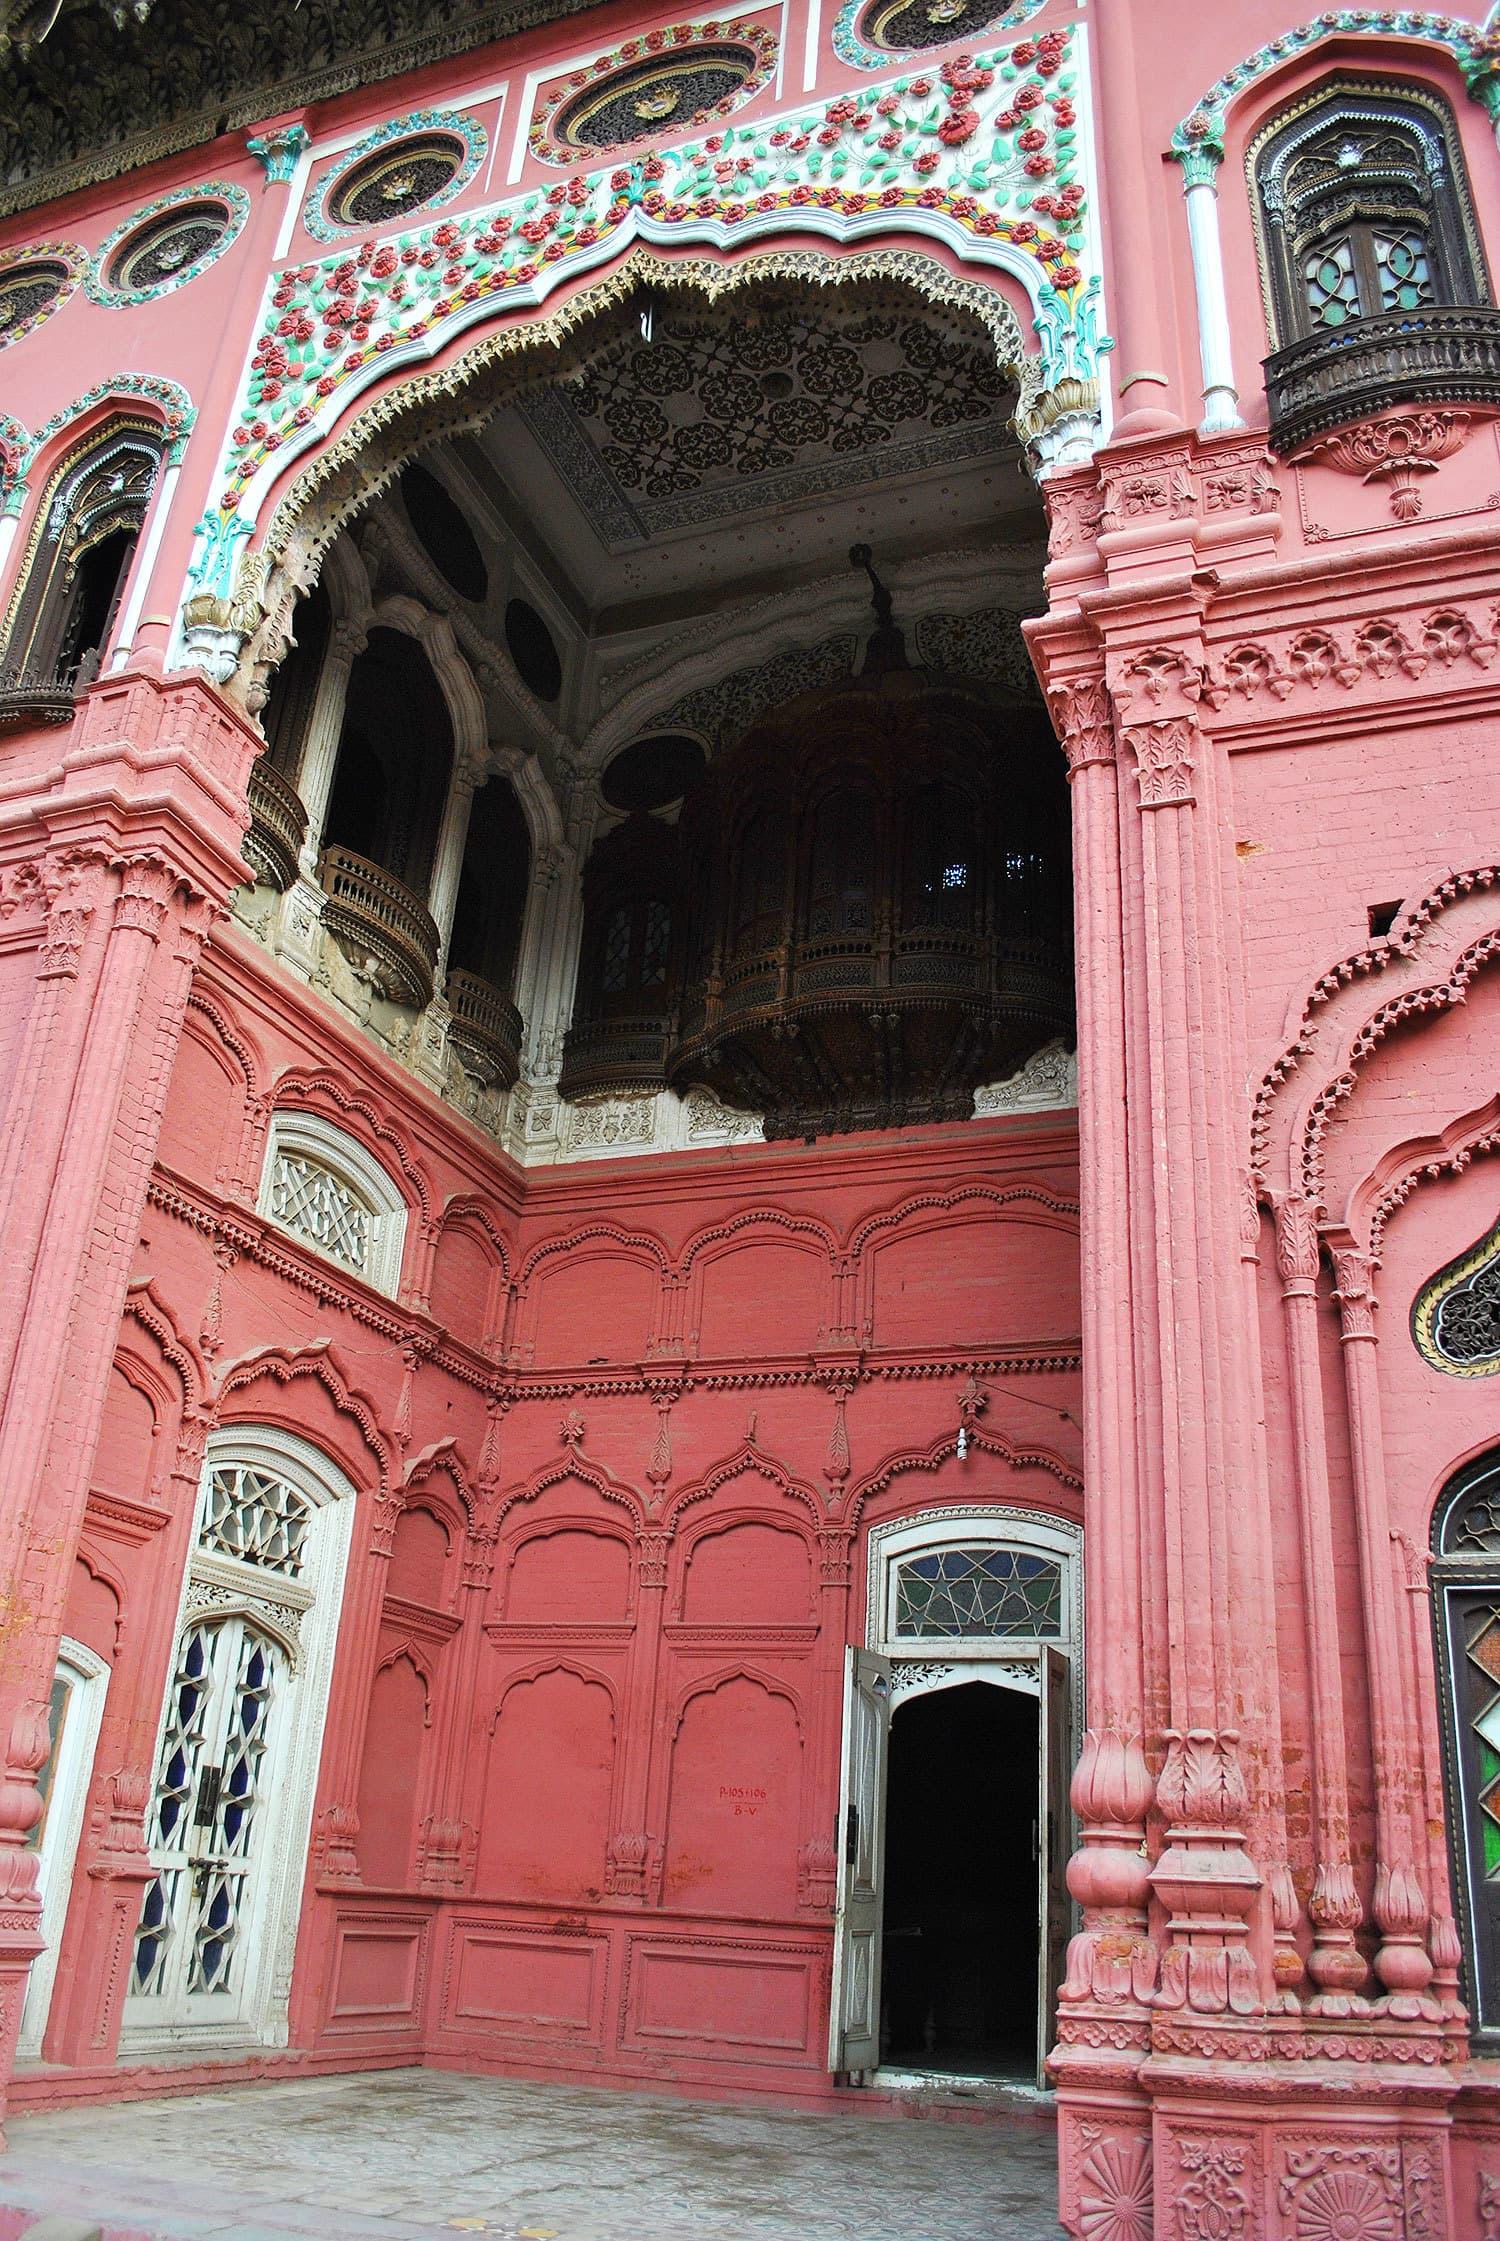 Woodwork was done by Rahim Baksh Pirjah and Elahi Baksh Pirjah.